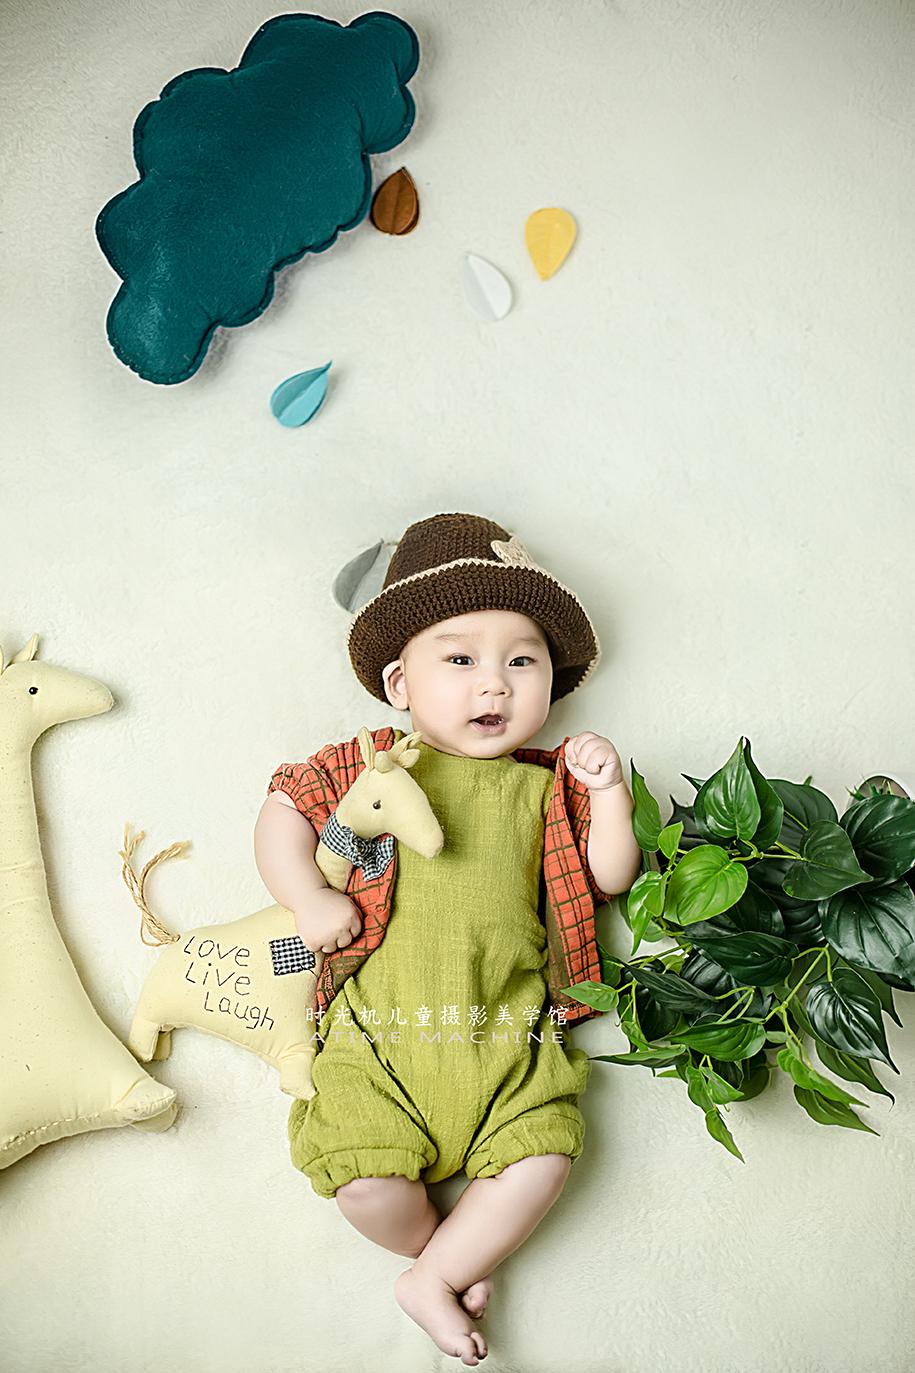 百天照(全)_儿童摄影_黑光图库_黑光网